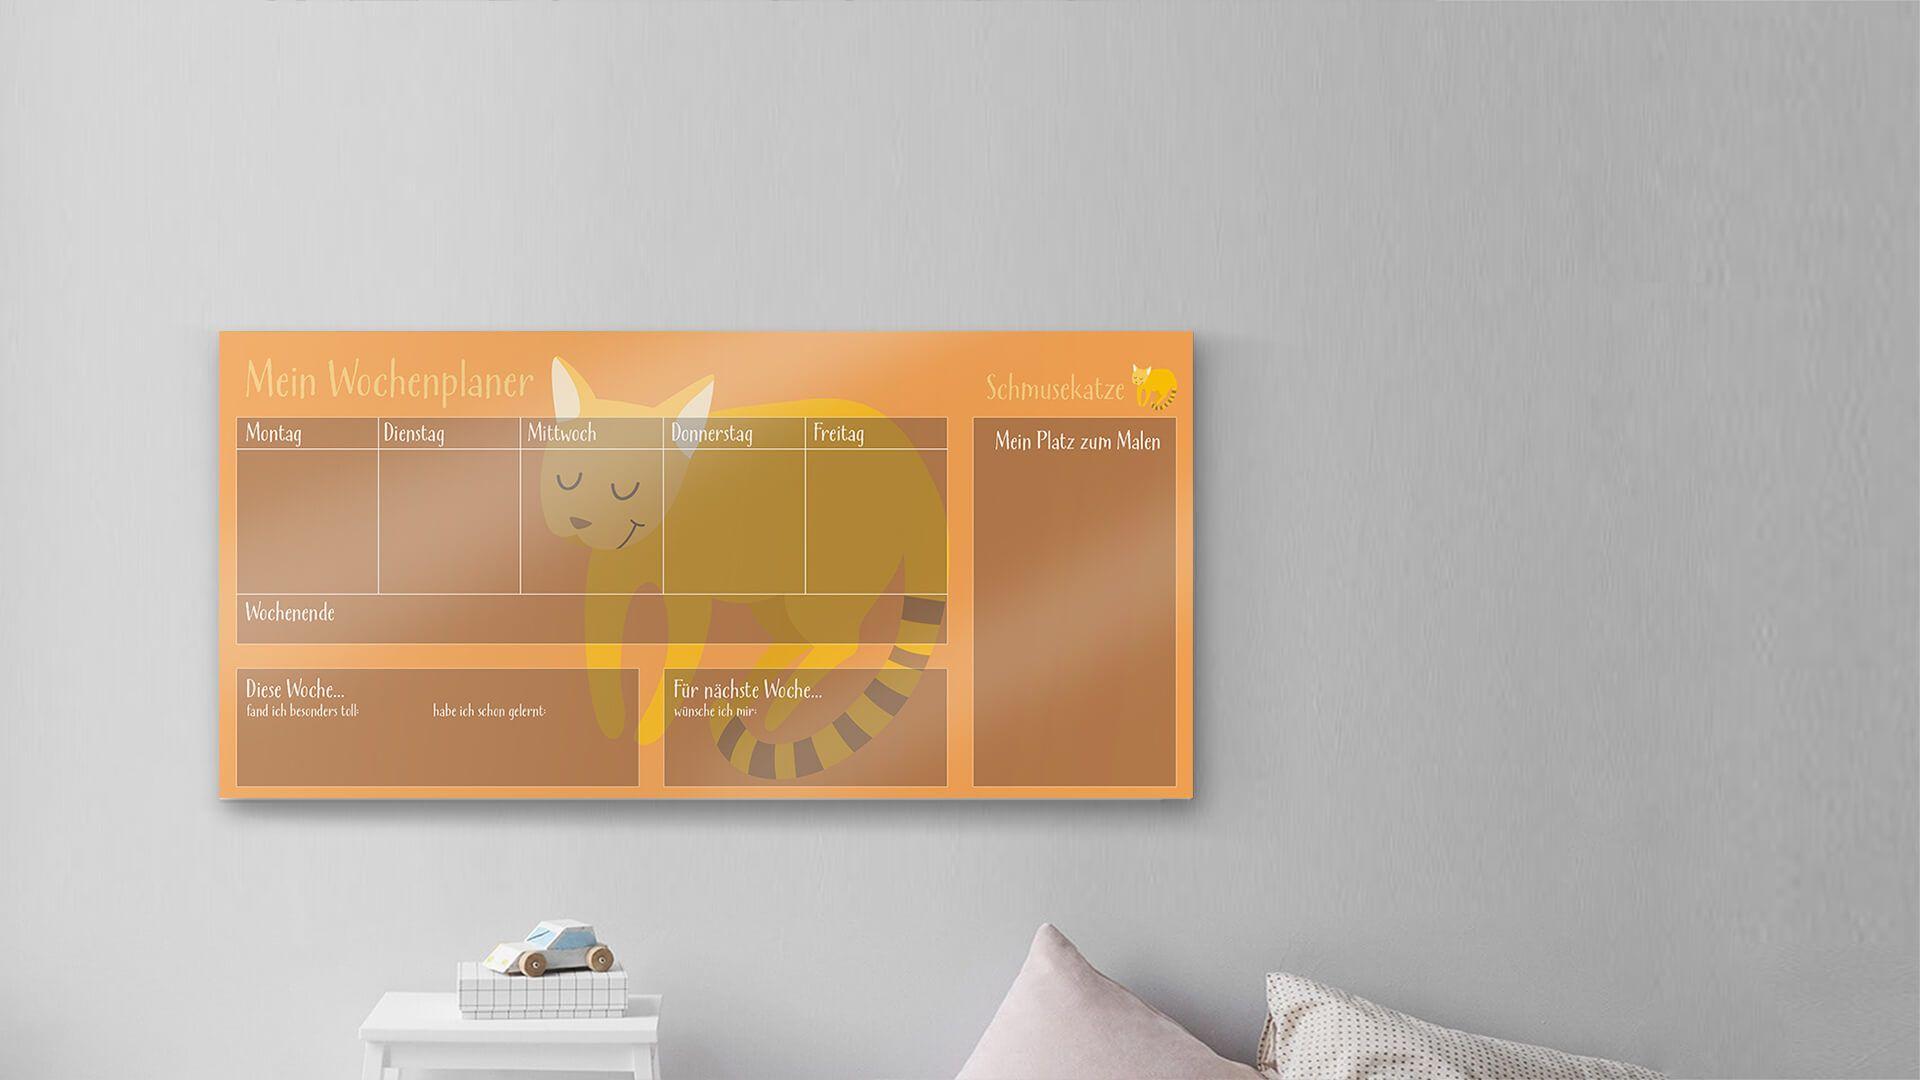 Kühlschrank Wochenplaner : Wochenplaner magnettafel alaman wöchentlich magnetischer kalender